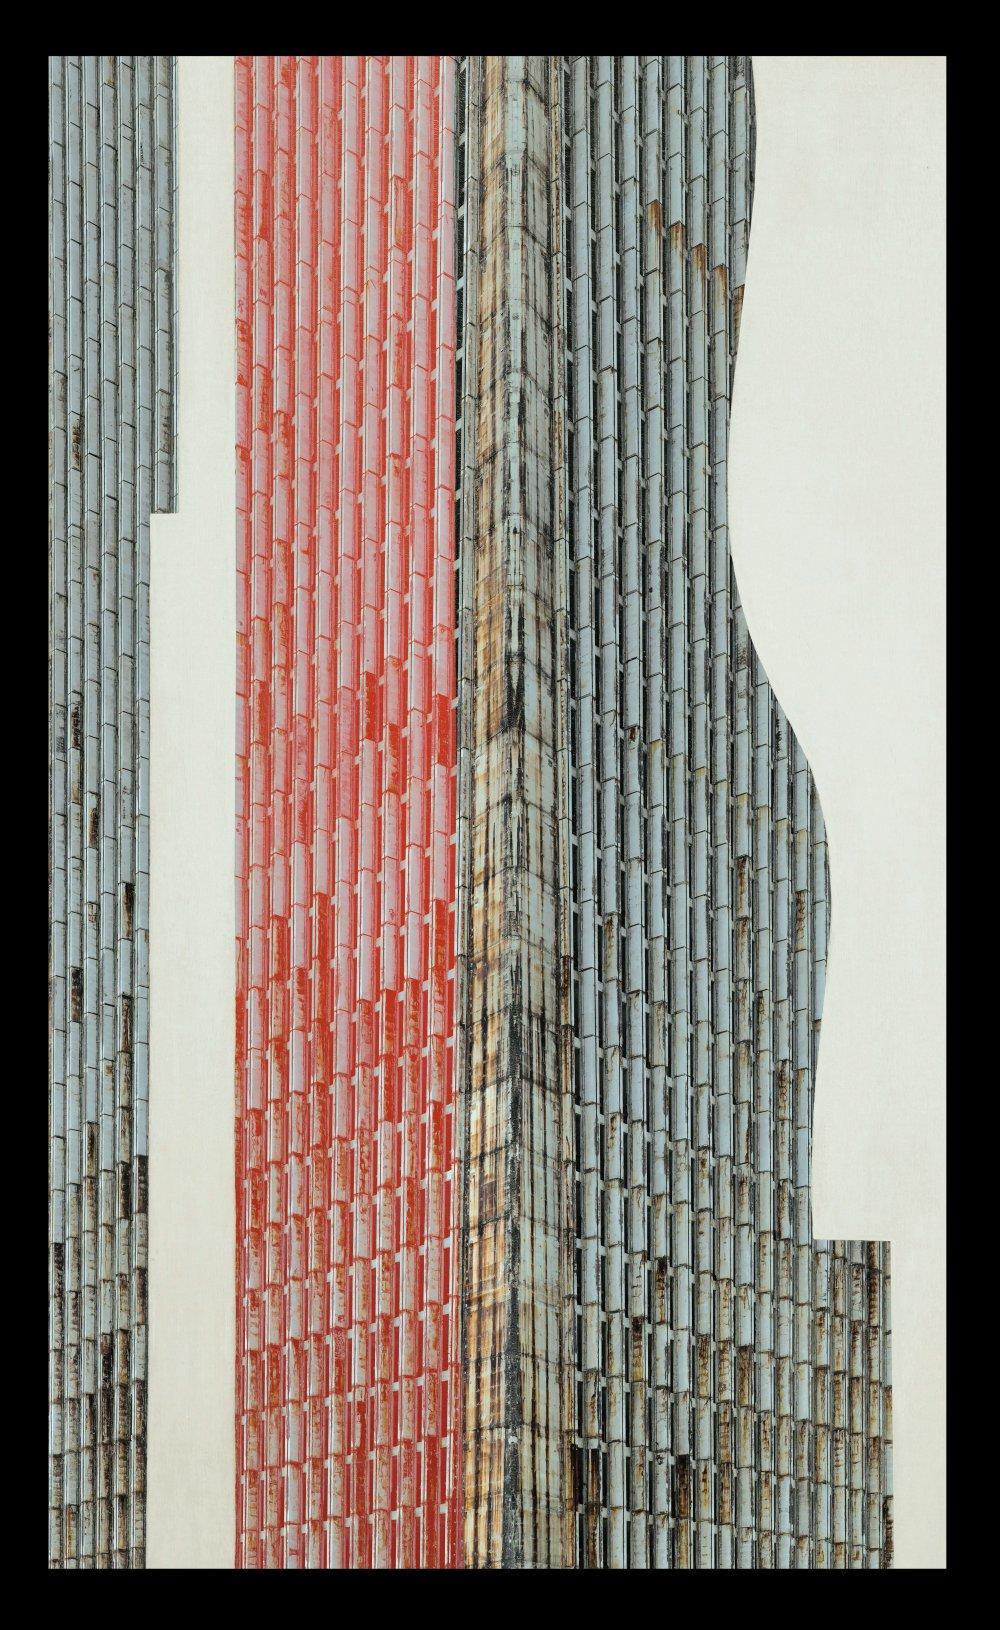 Les Nouveaux Constructeurs, Tour Pleyel n°1